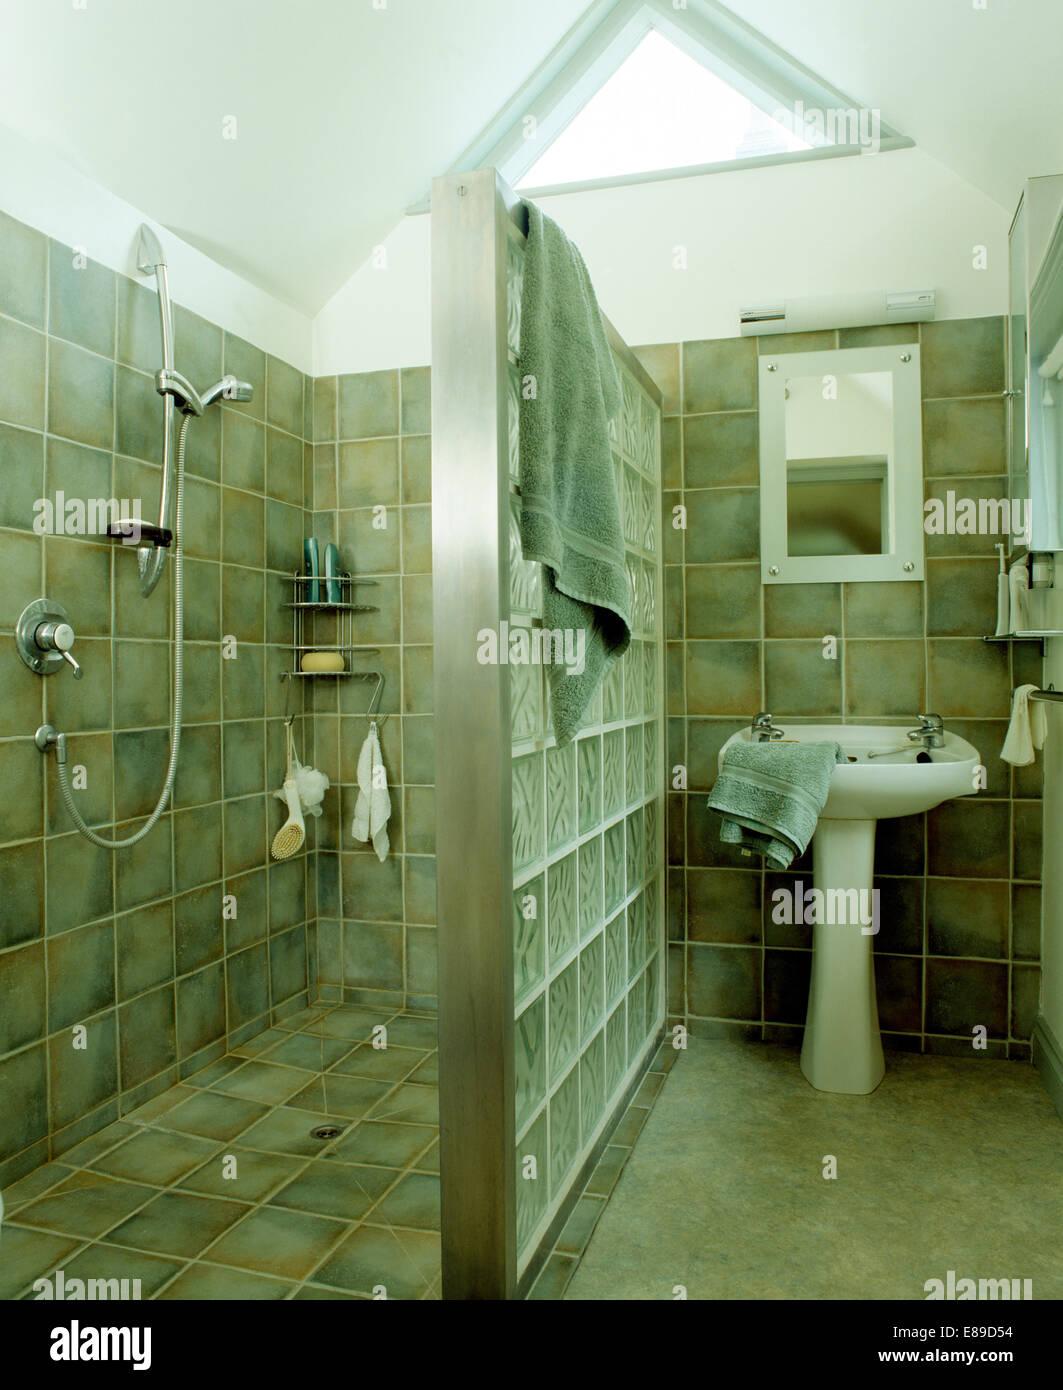 Glasbaustein Trennwand zwischen Dusche und Waschbecken im modernen ...